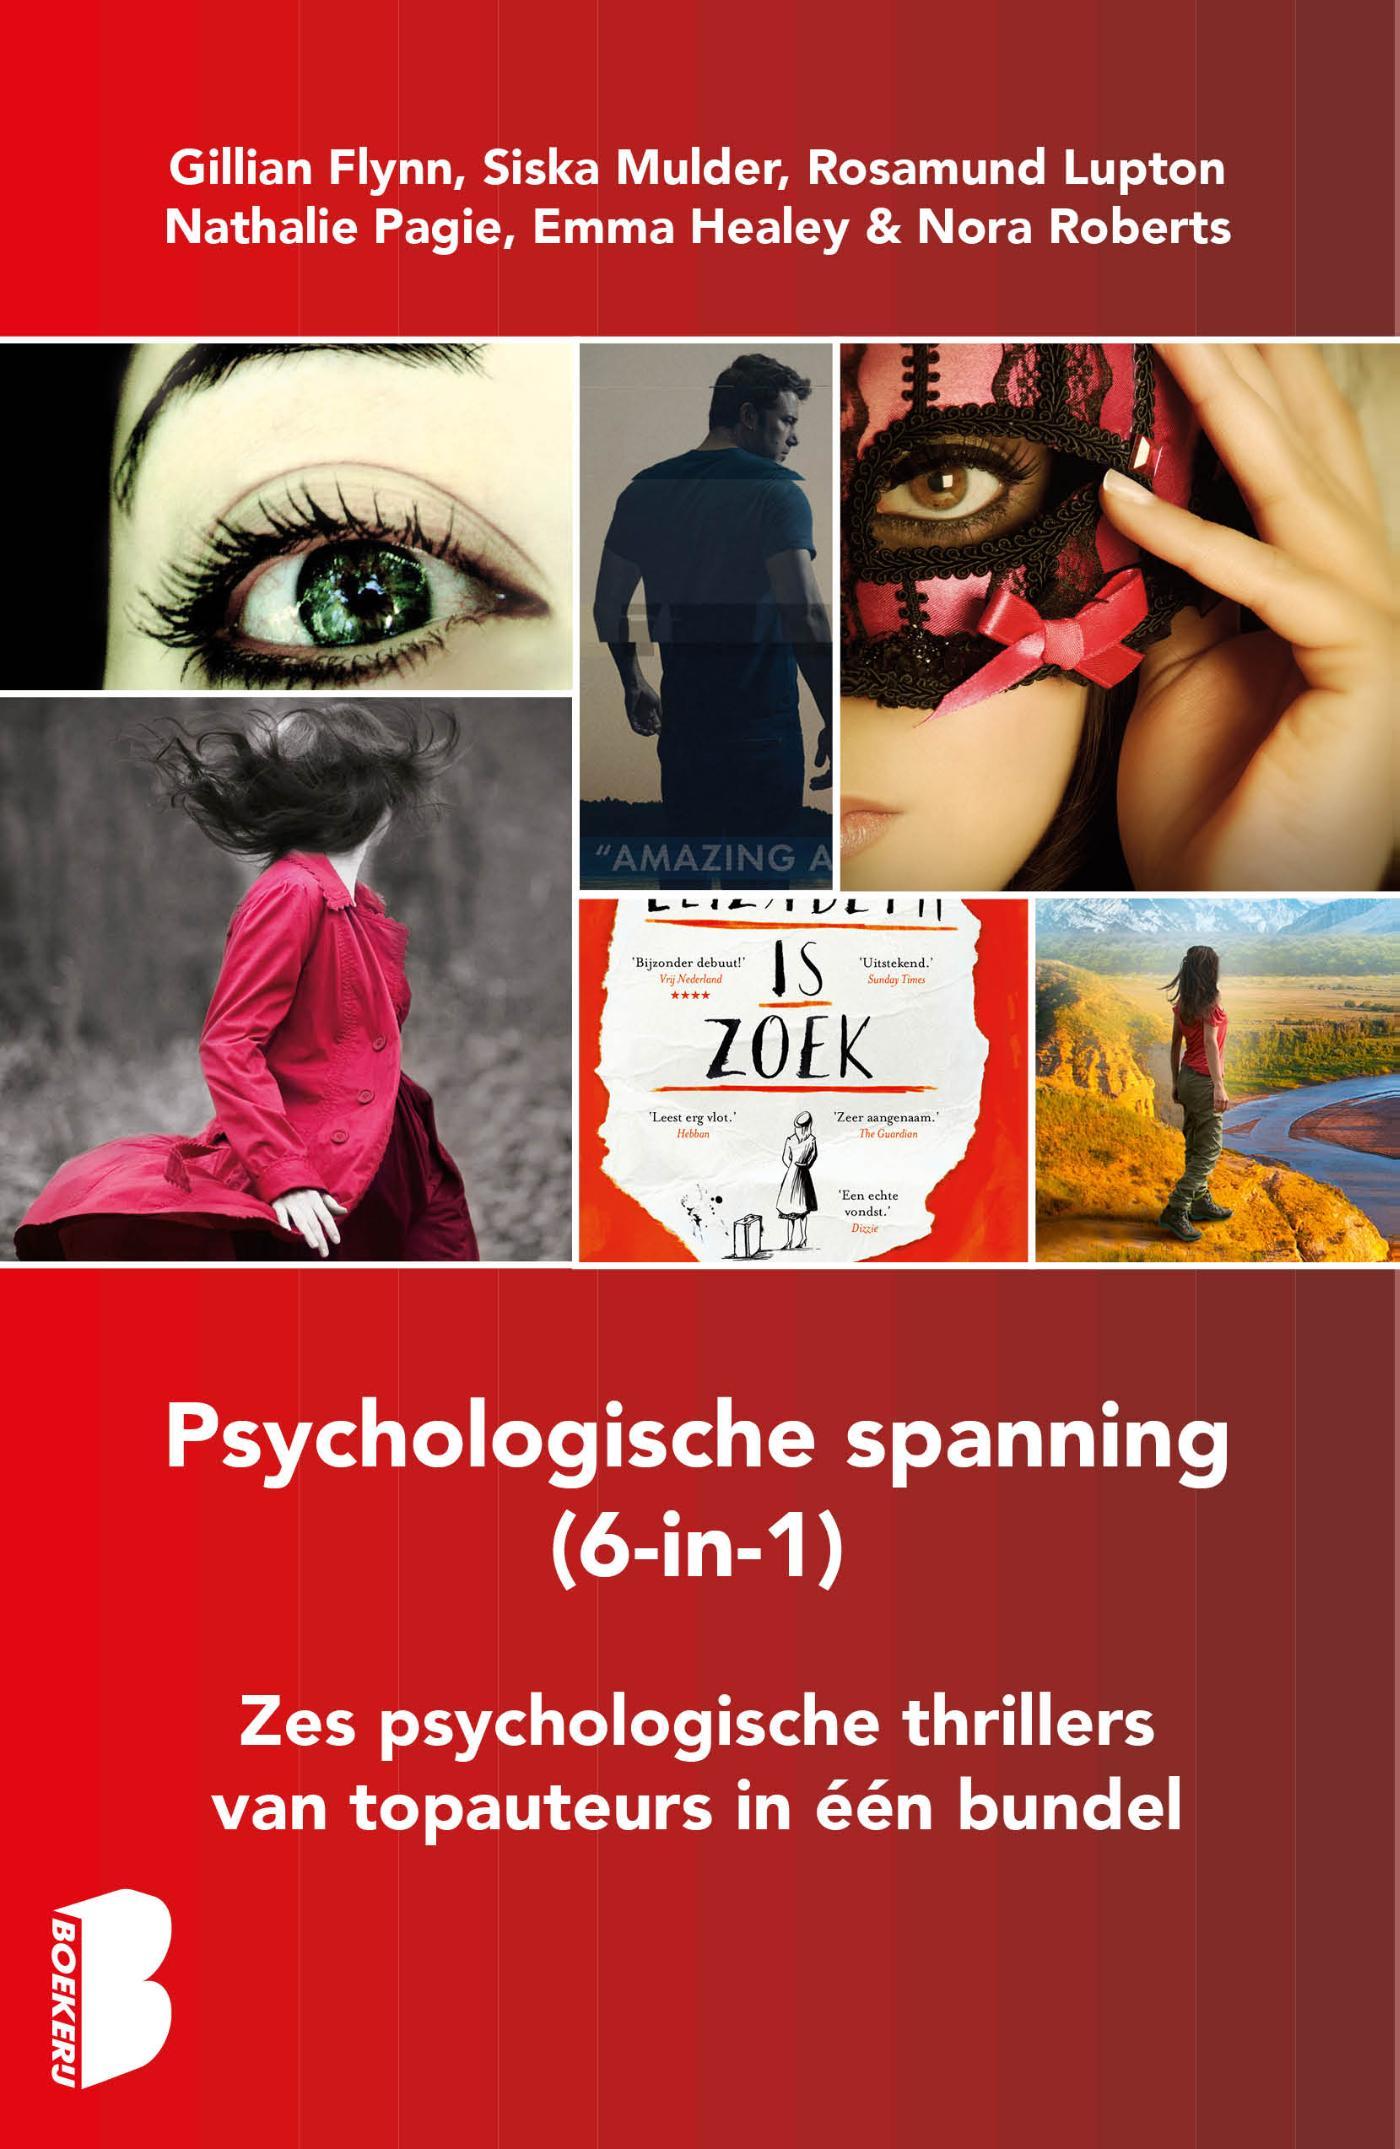 Psychologische spanning (6-in-1)